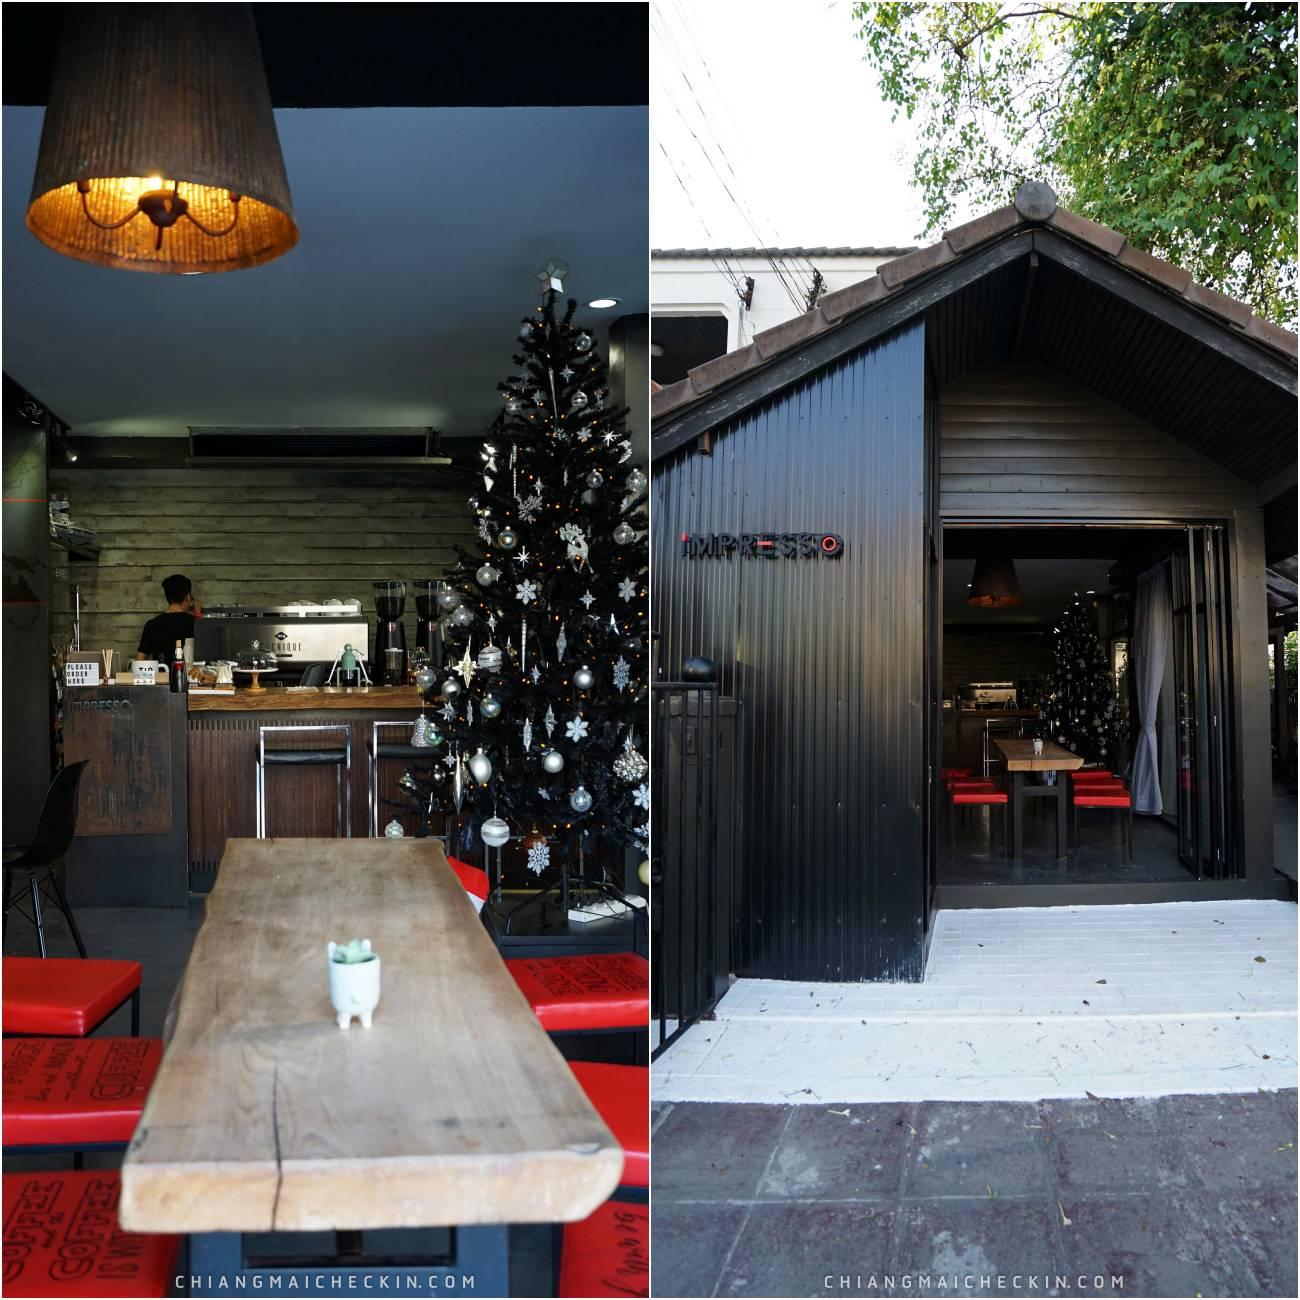 Impresso ร้านคาเฟ่ที่มีกาแฟเข้มๆเหมาะกับสายกาแฟที่แท้ทรู ร้านเป็นเคาท์เตอร์บาร์ยาวคู่กับเคาท์เตอร์ชงกาแฟห้ามพลาดด